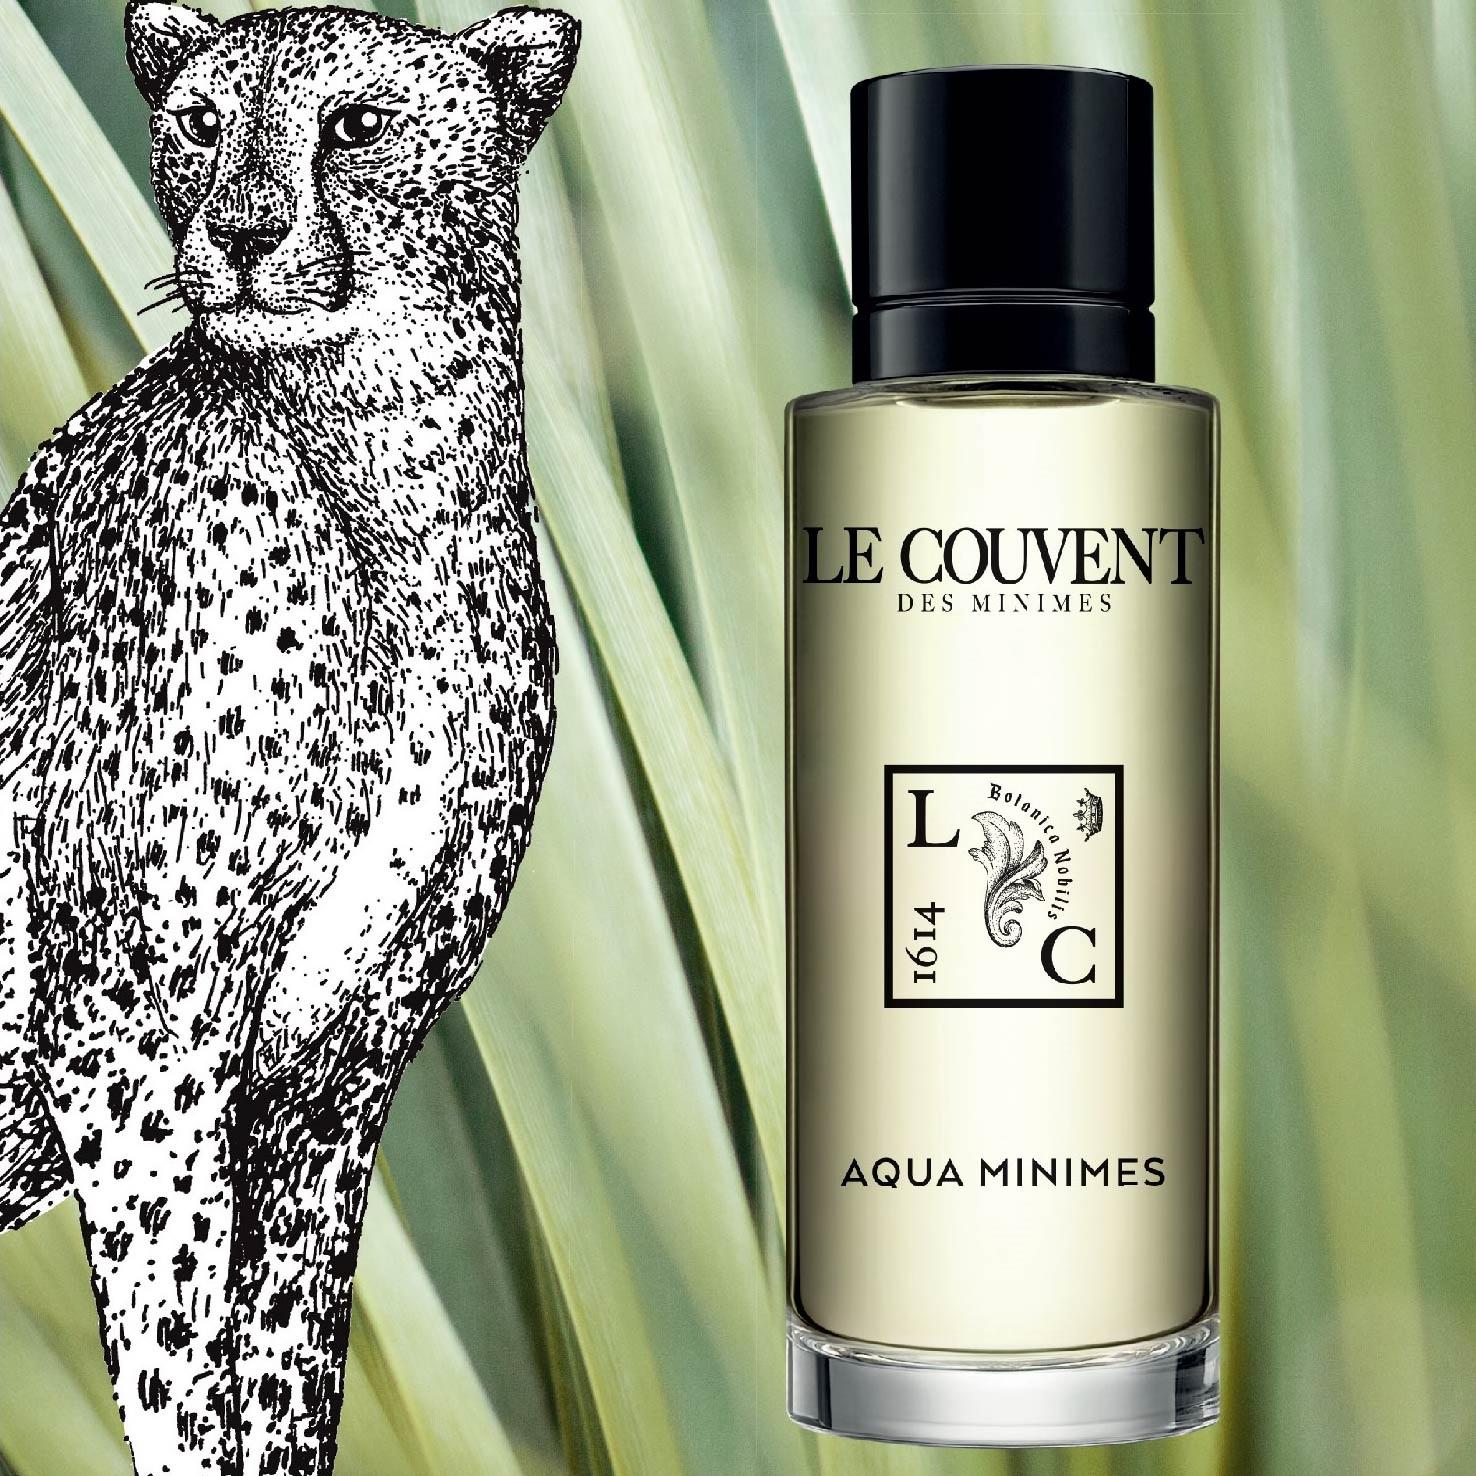 夏季必買香氛!Le Couvent des Minimes 洛蔻芳推出 Aqua Minimes 米尼姆之水系列